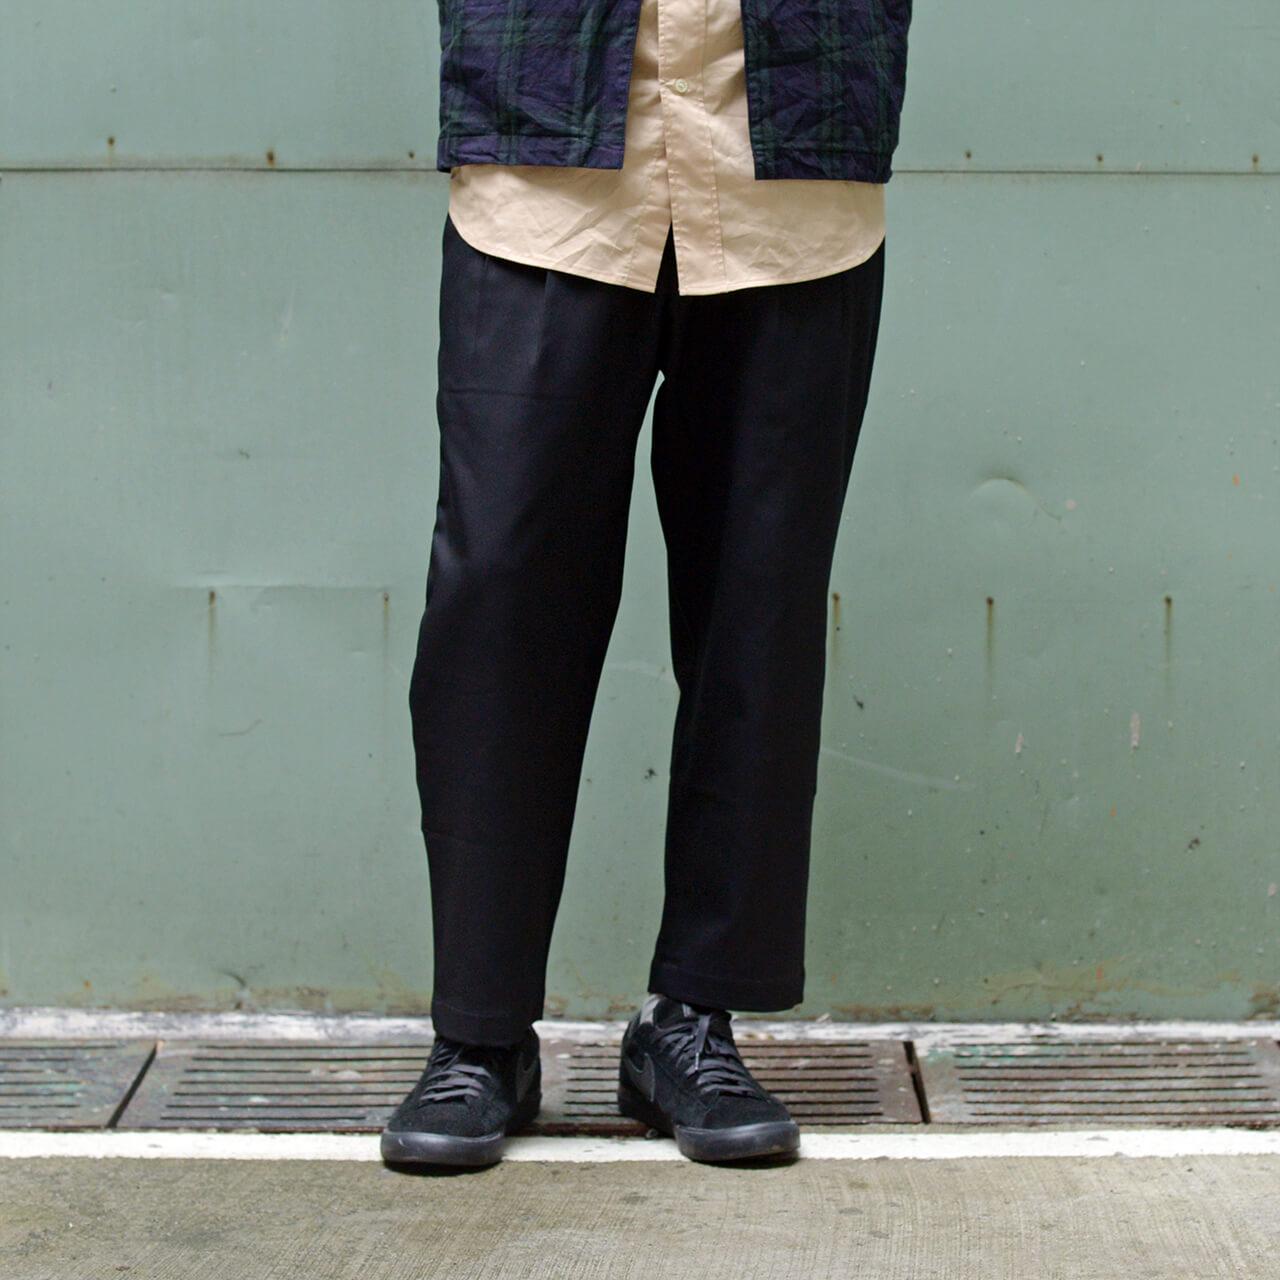 早春穿搭,冬季穿搭,男生穿搭,街頭,西裝,休閒搭配,akko,akko 褲,一週搭配,街頭搭配,搭配型人,街頭型人,皮鞋,成套,AKKO褲,微寬褲,COP3563,西裝料錐形長褲,